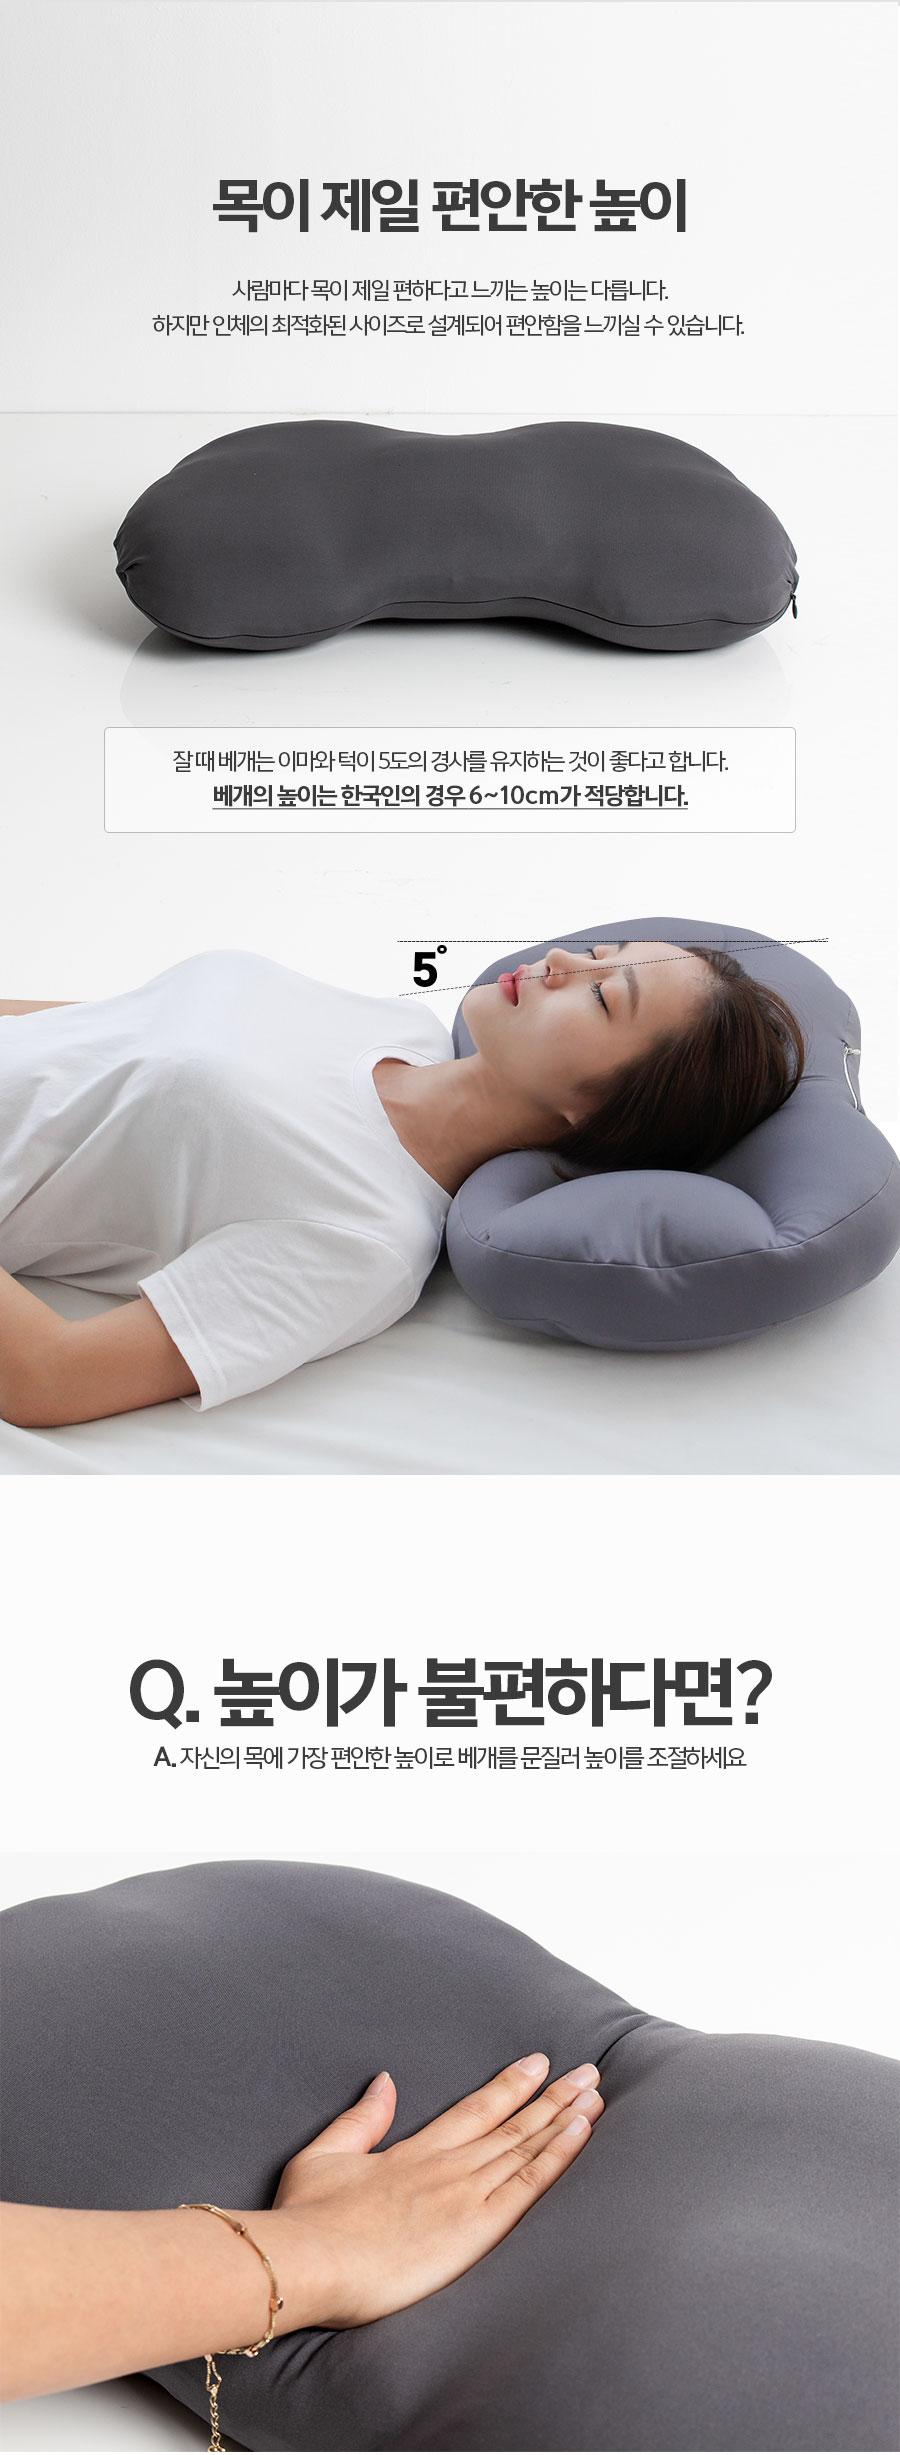 pillow_05.jpg